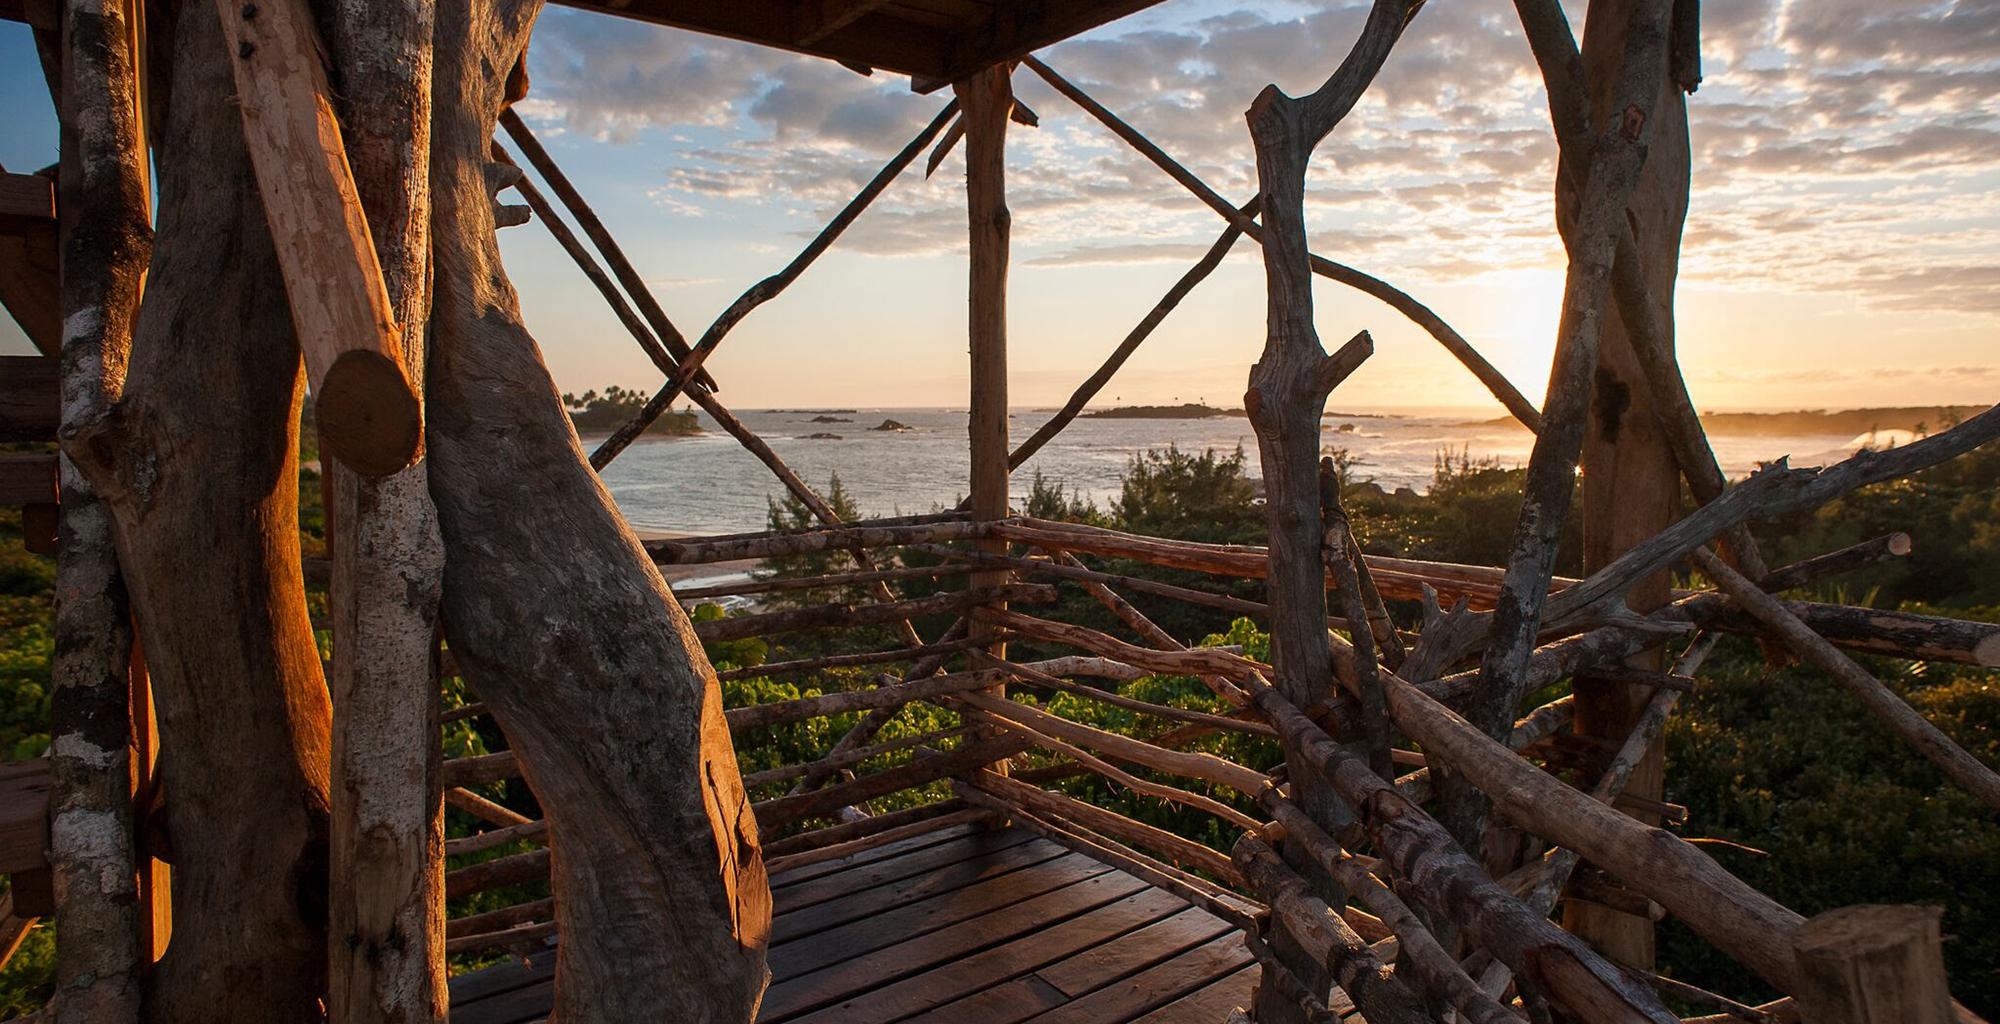 Madagascar-Manafiafy-View